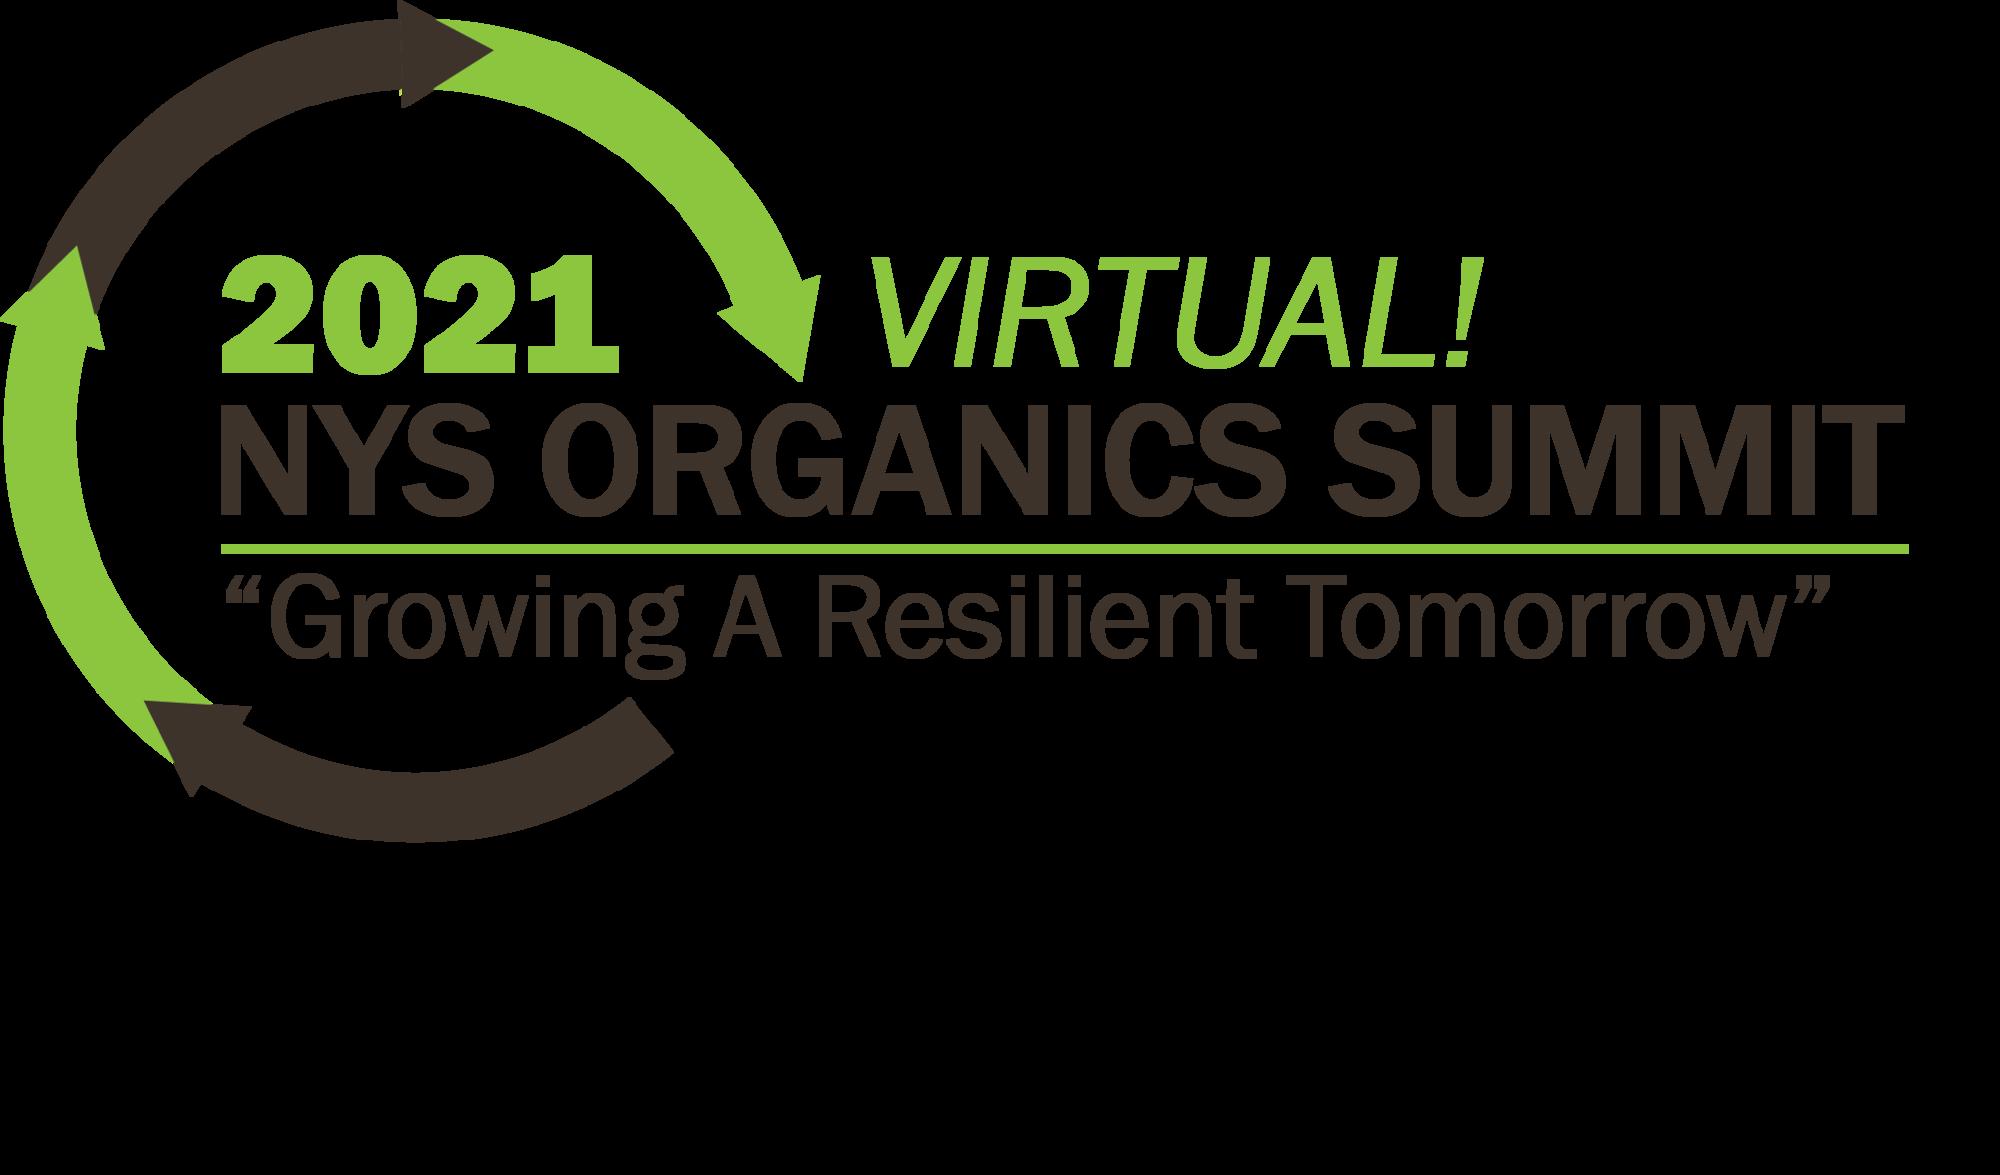 NYS Organics Summit